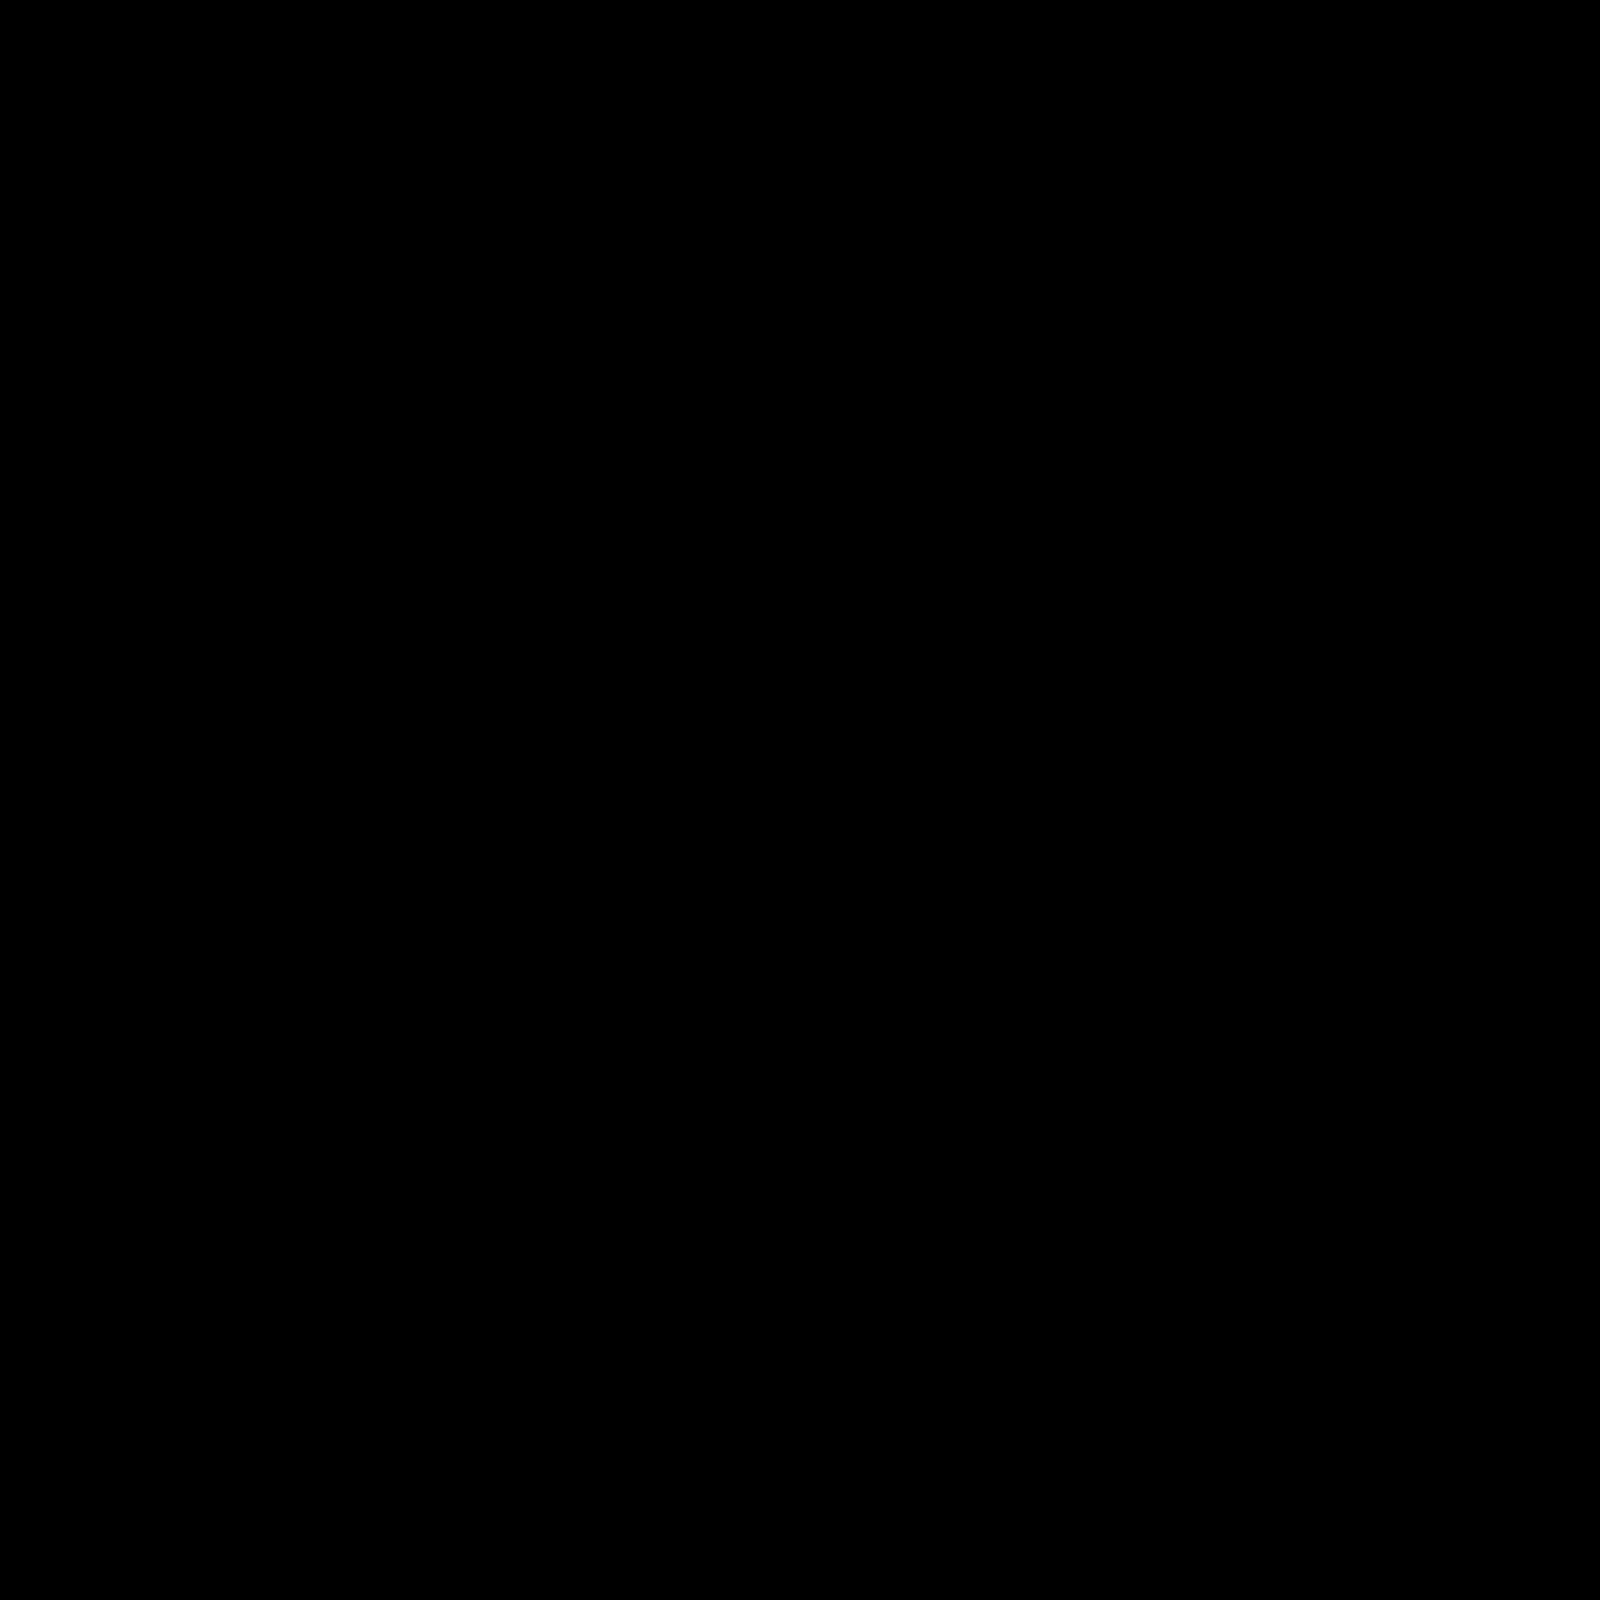 アイコンの画像 p1_20